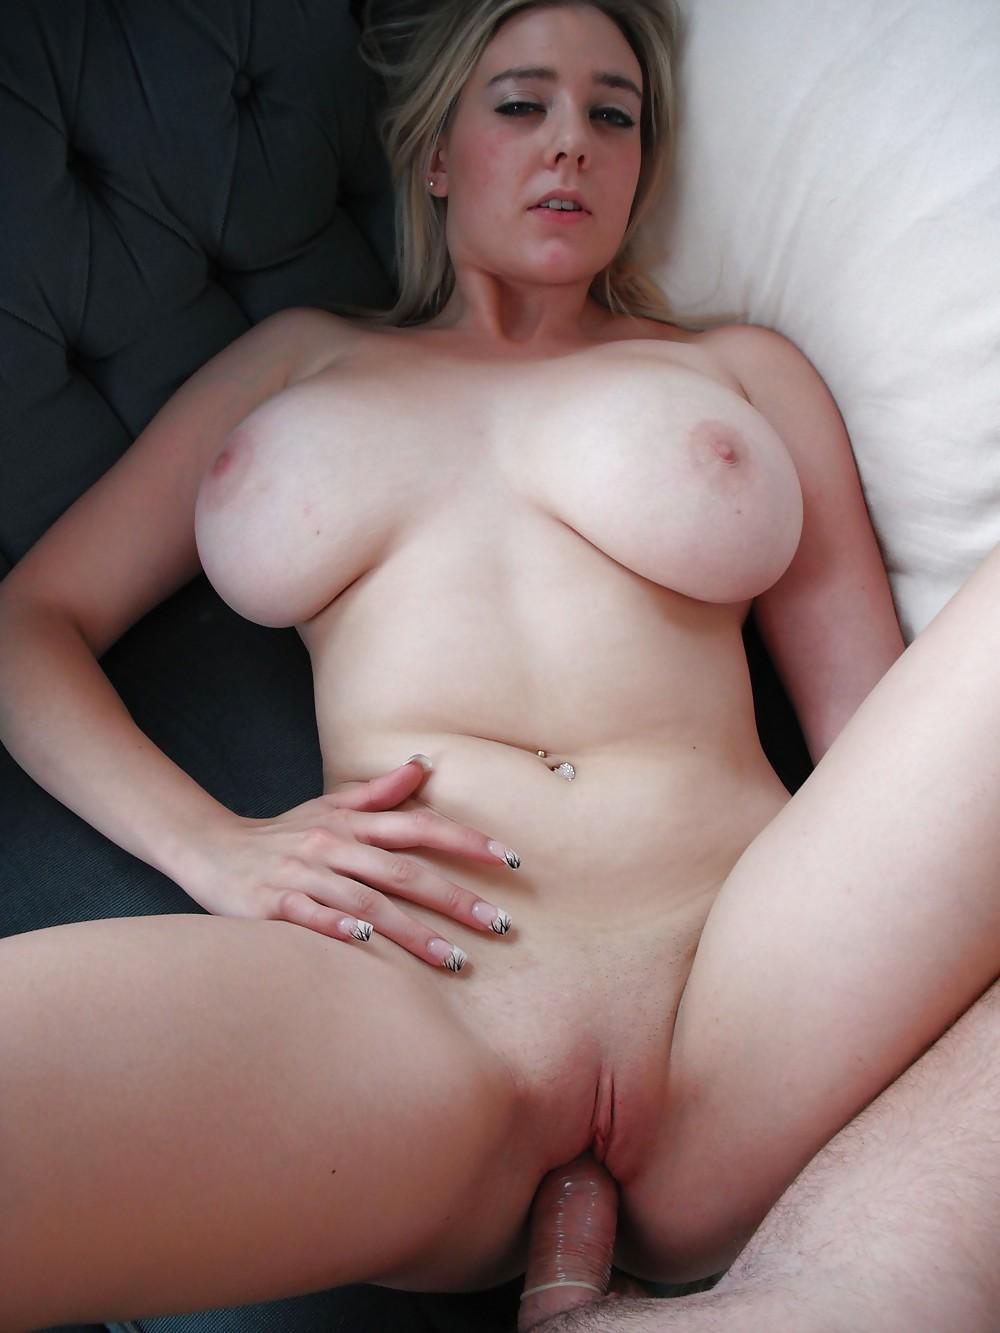 Порно с сексуальными сисястыми телеведущими небольшой комнате